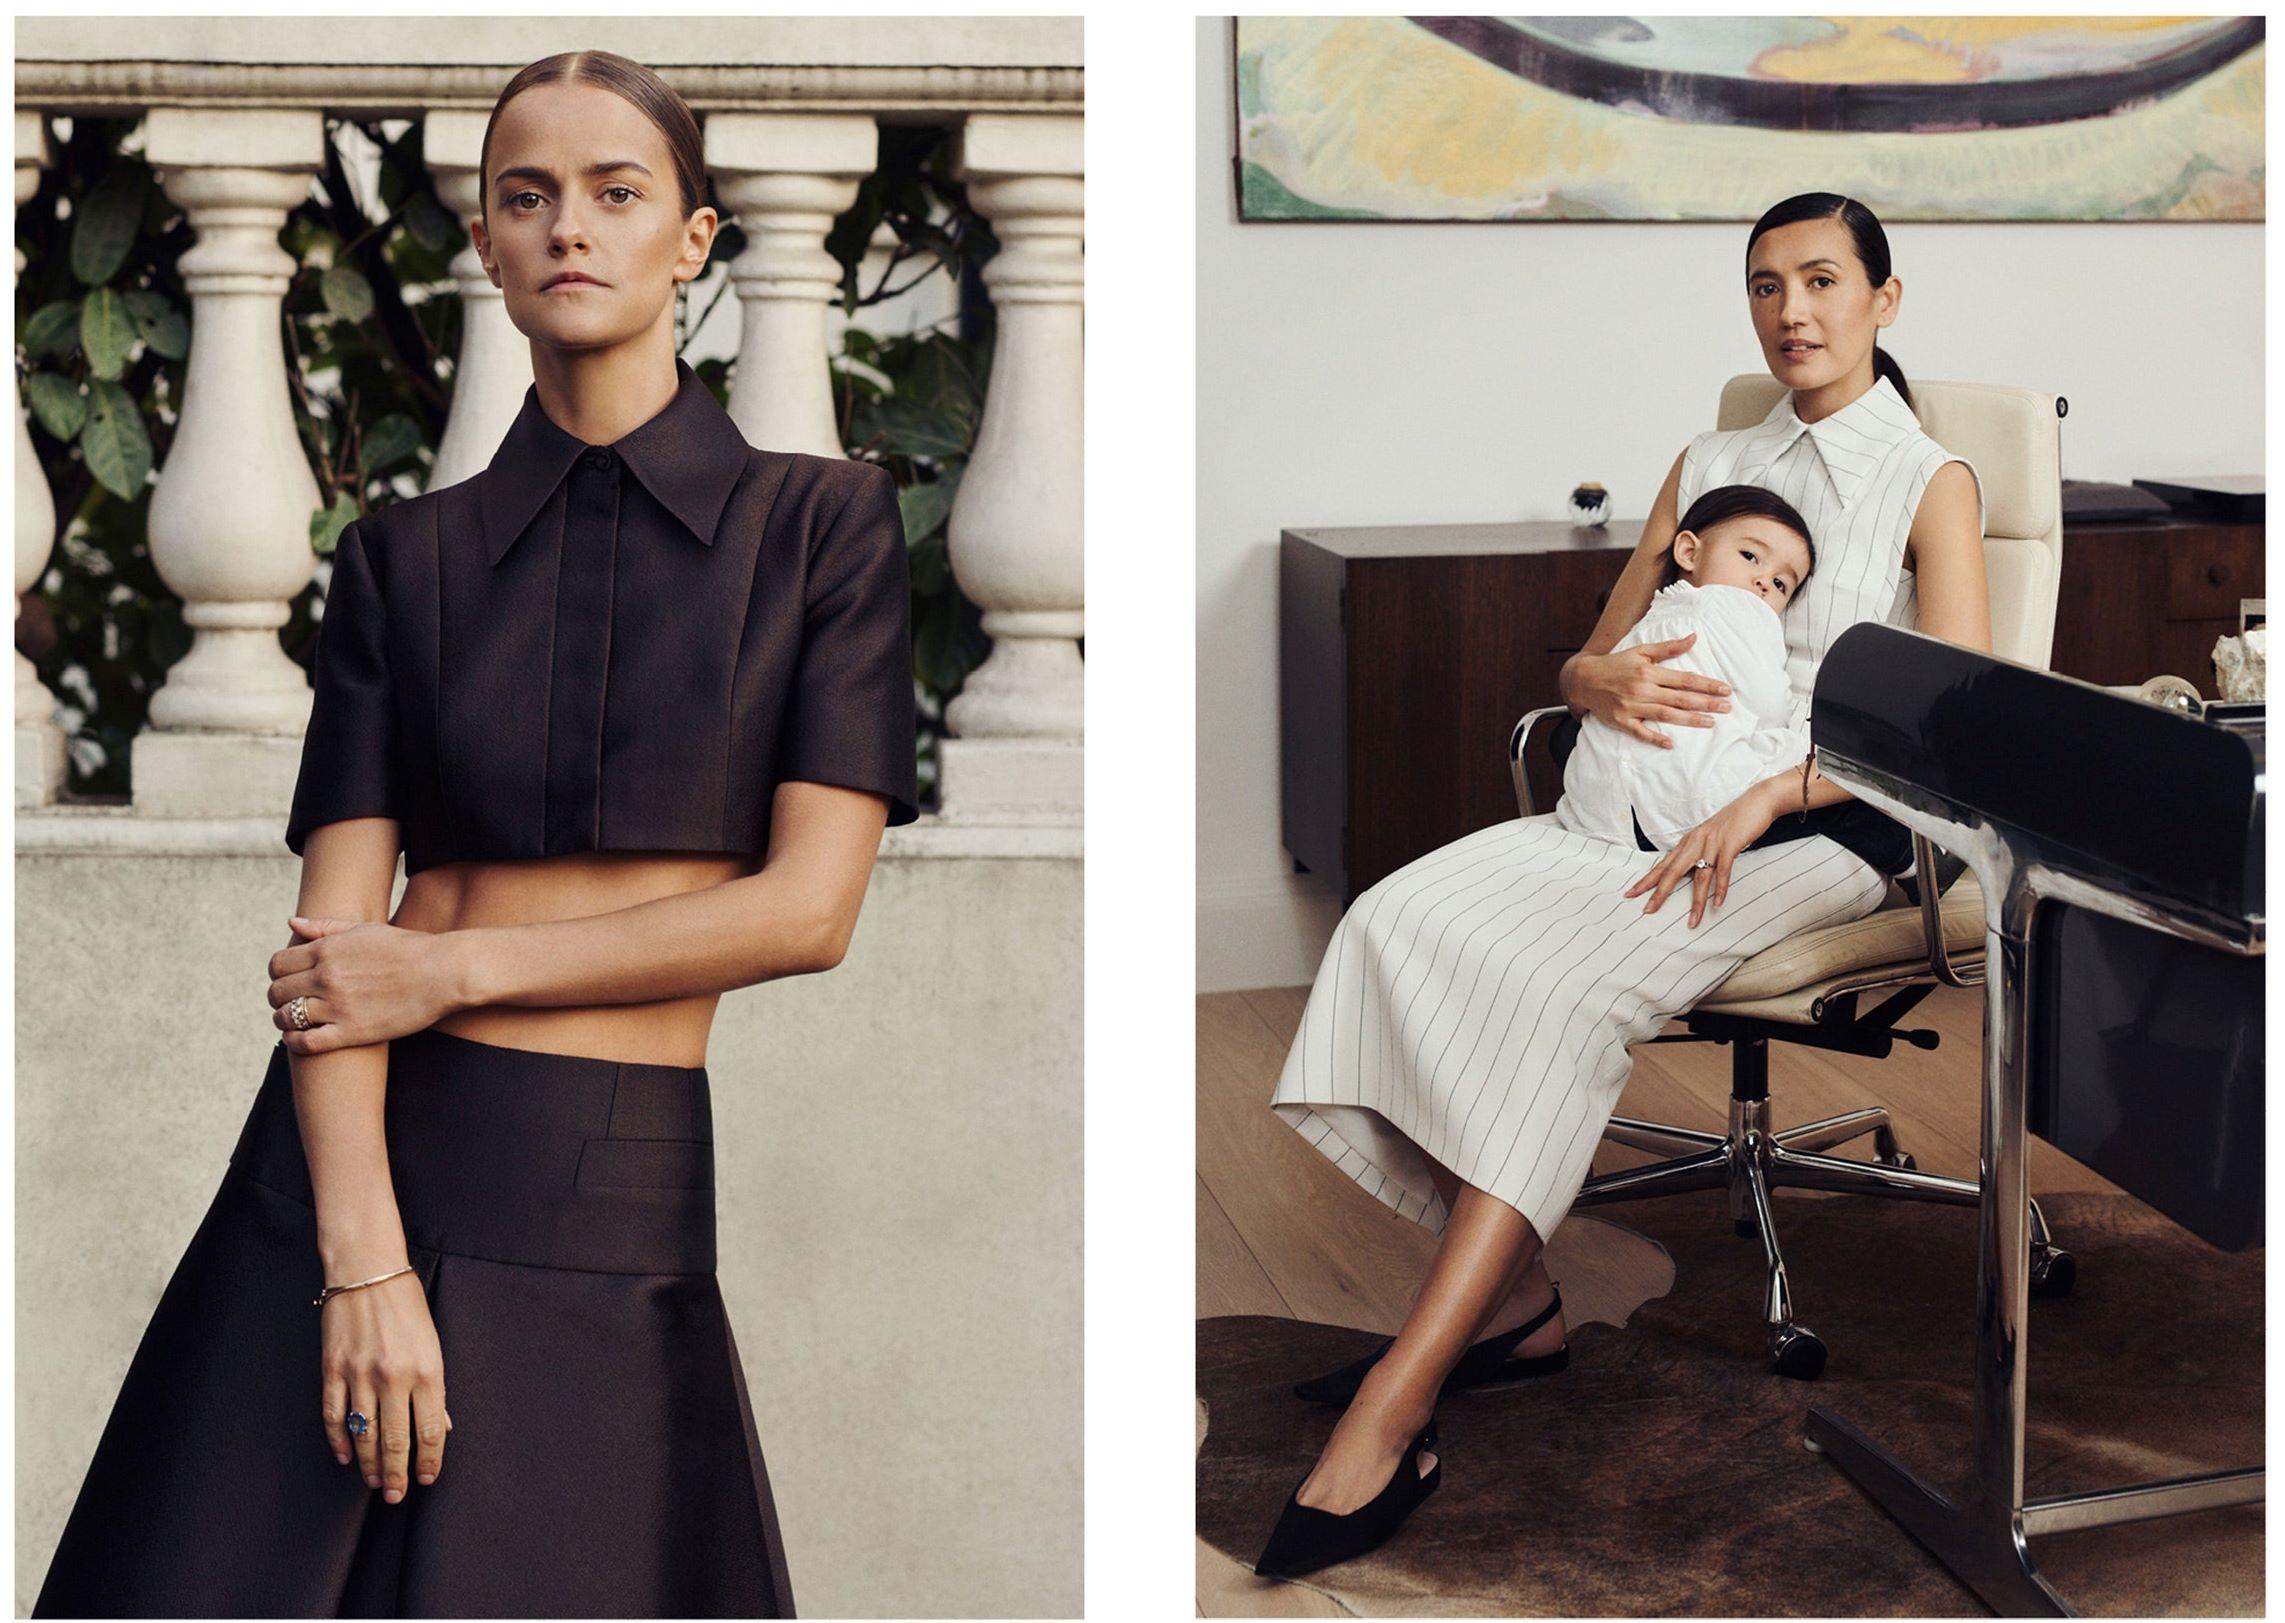 Женская сила и материнство в новой коллекции Emilia Wickstead